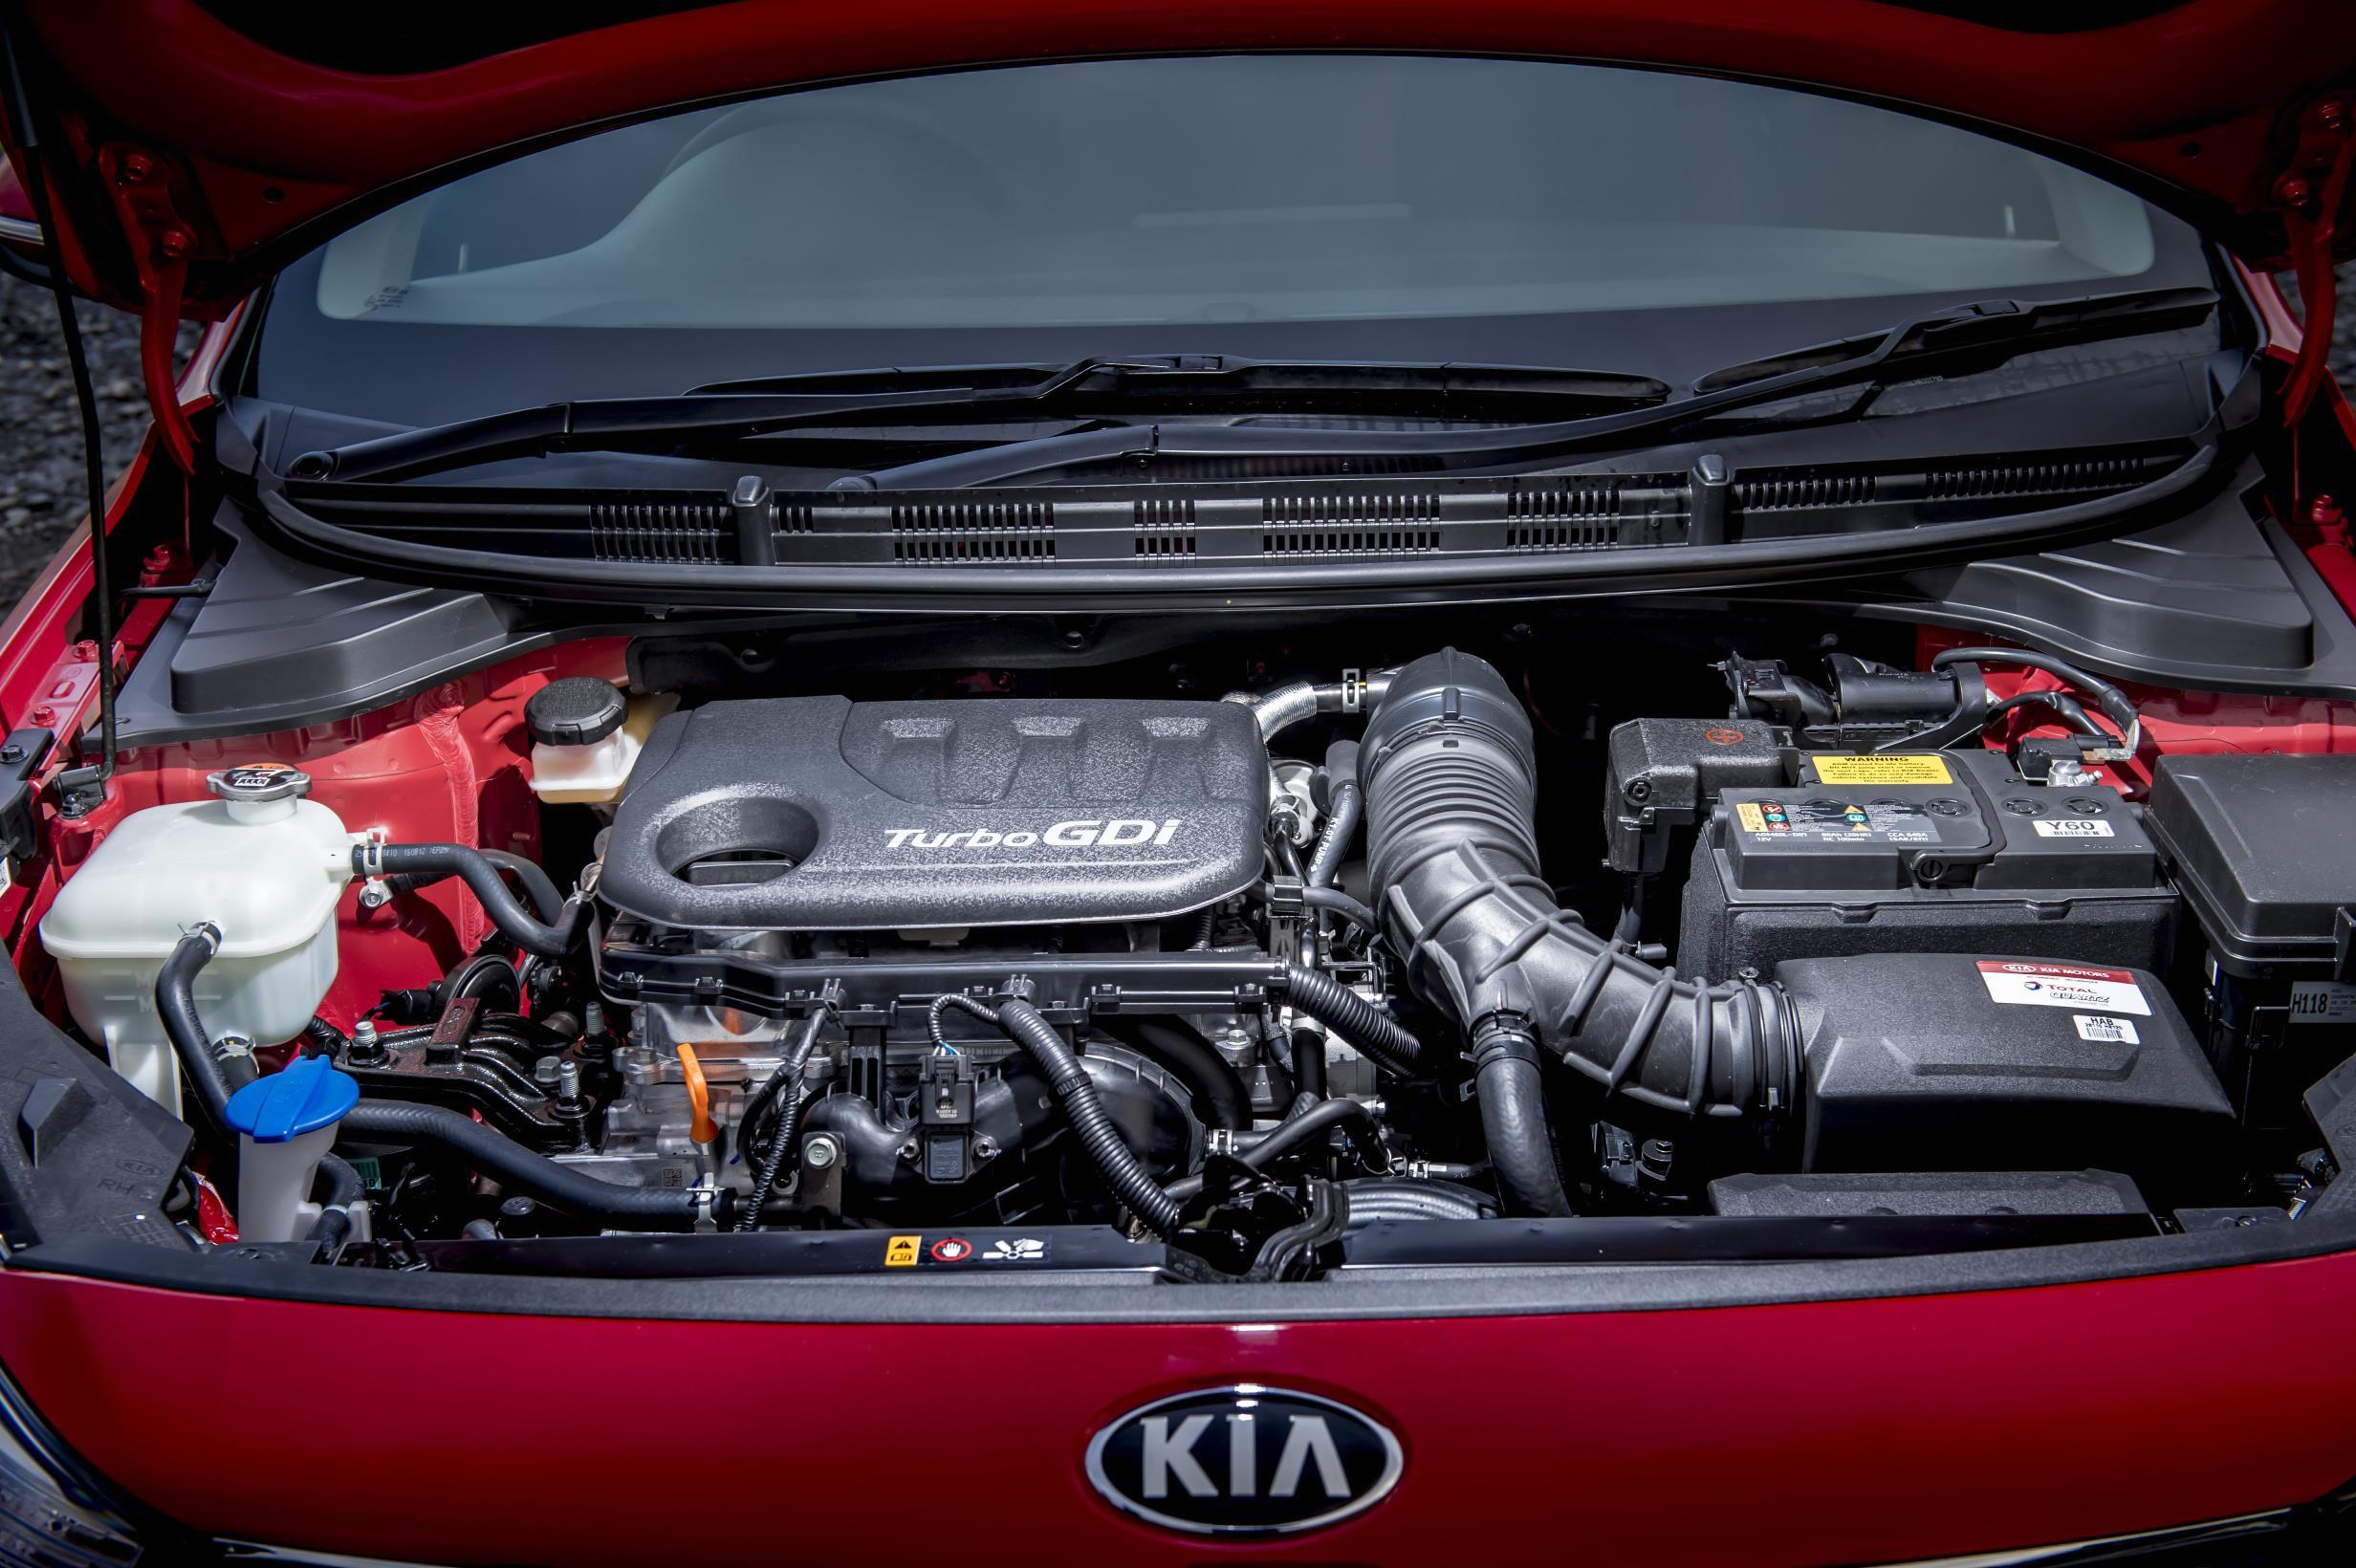 2017 Kia Rio Pricing In The Uk From 11 995 Otr Autoevolution